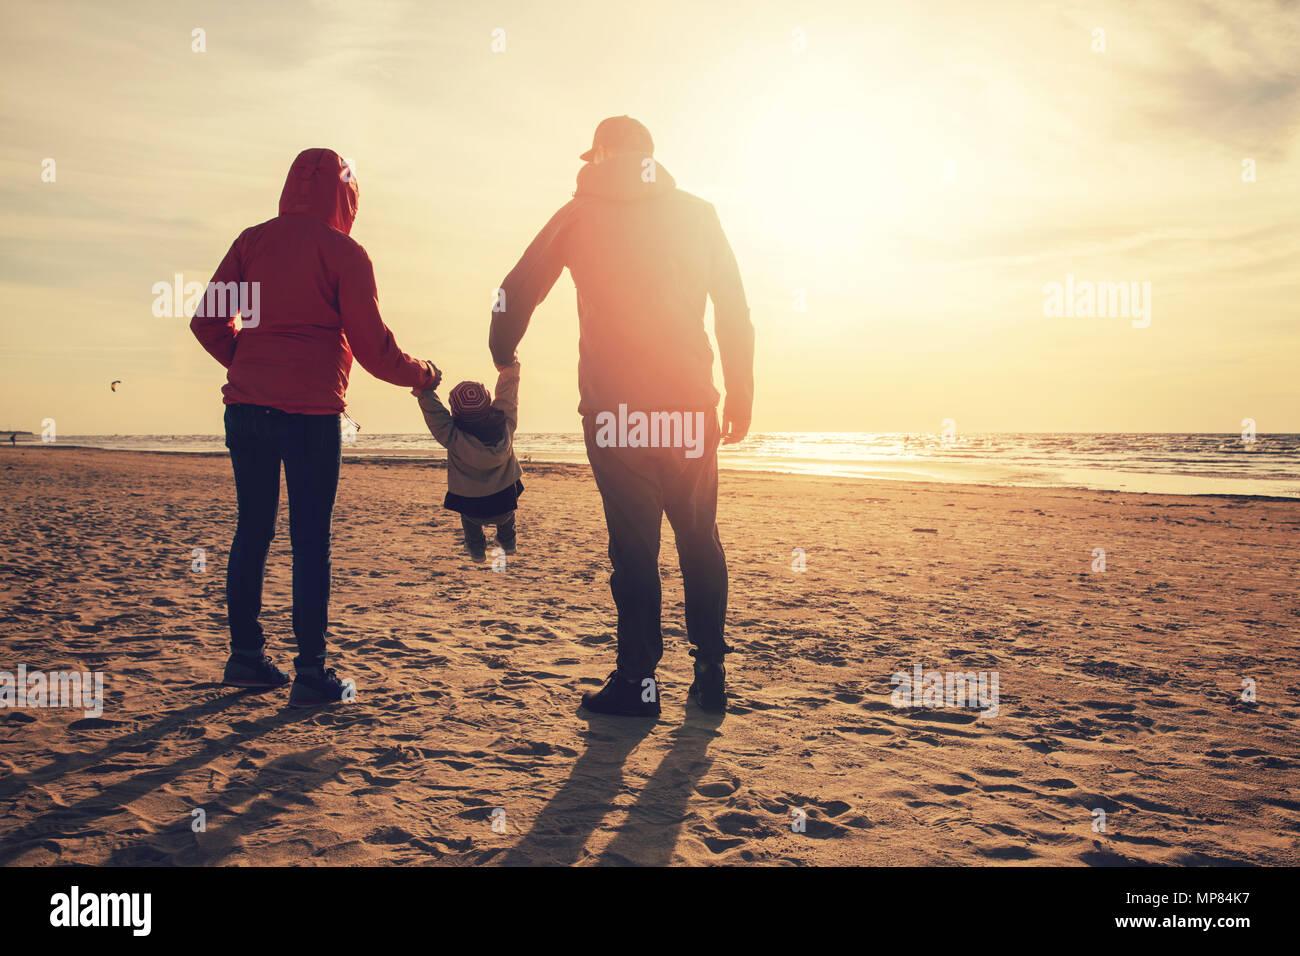 Mutter und Vater Kind durch schwingen die Arme am Strand bei Sonnenuntergang Stockbild